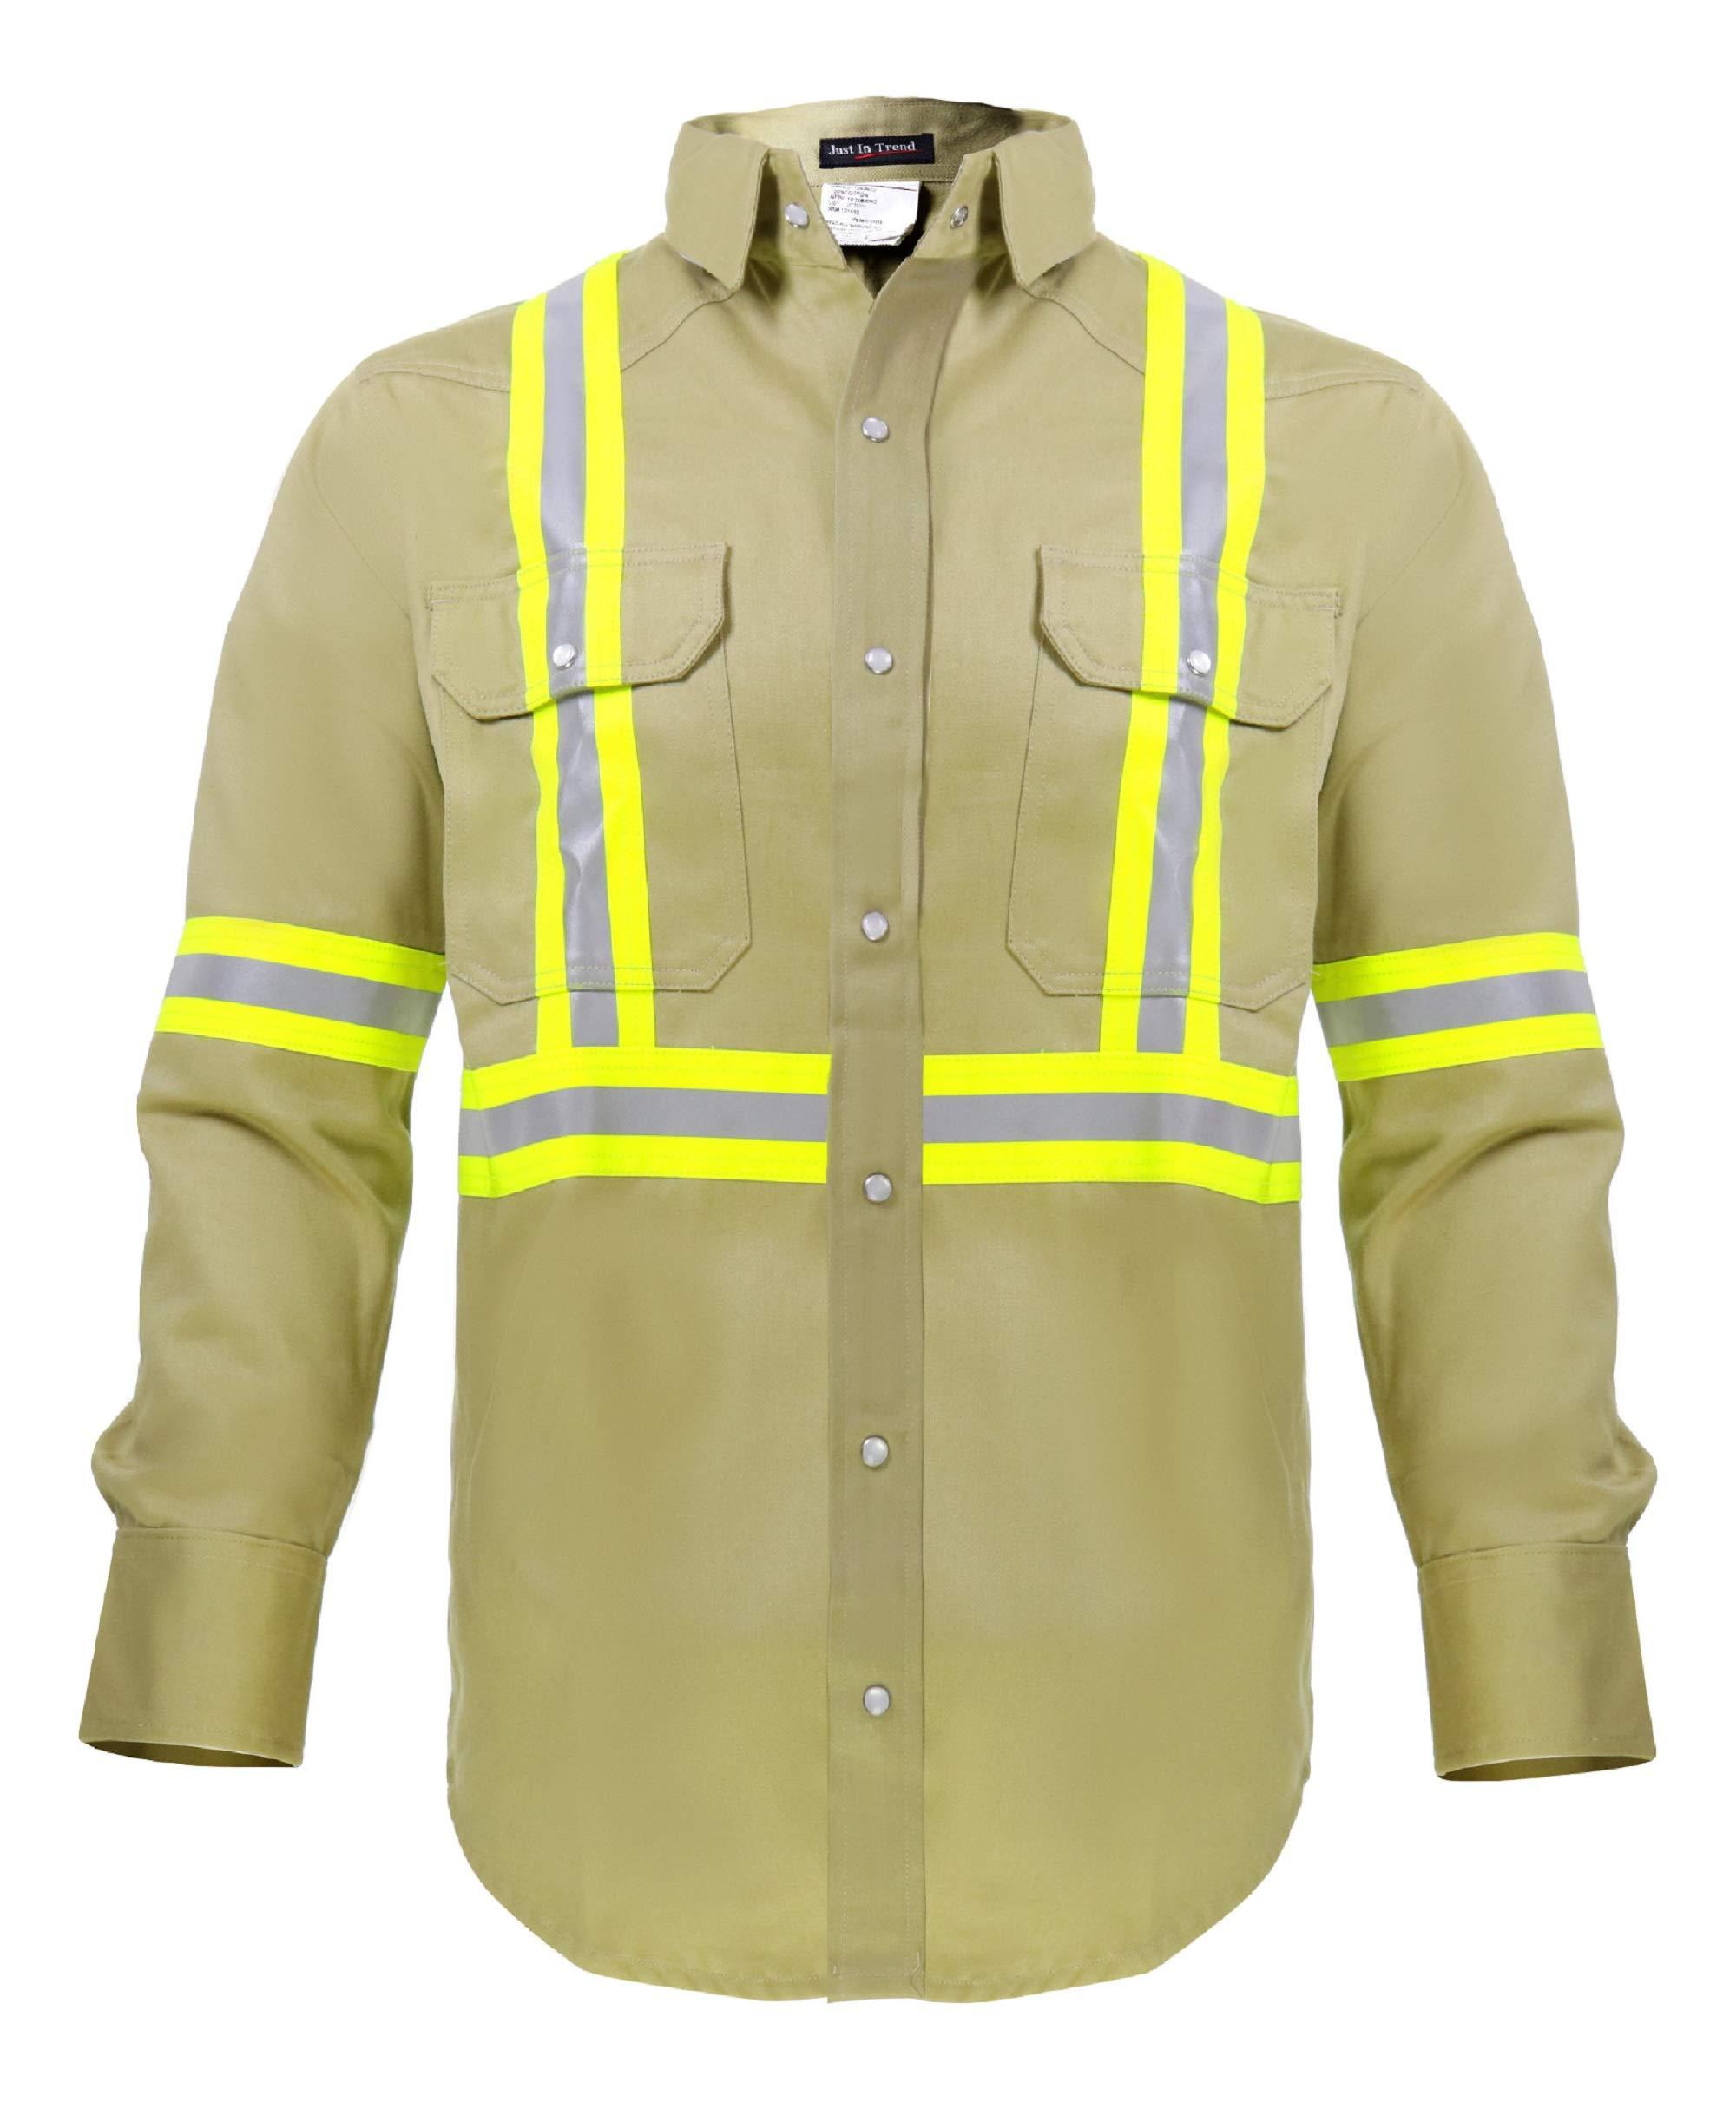 Flame Resistant High Visibility Hi Vis FR Shirt - 100% C - 7 oz (Medium, Khaki)